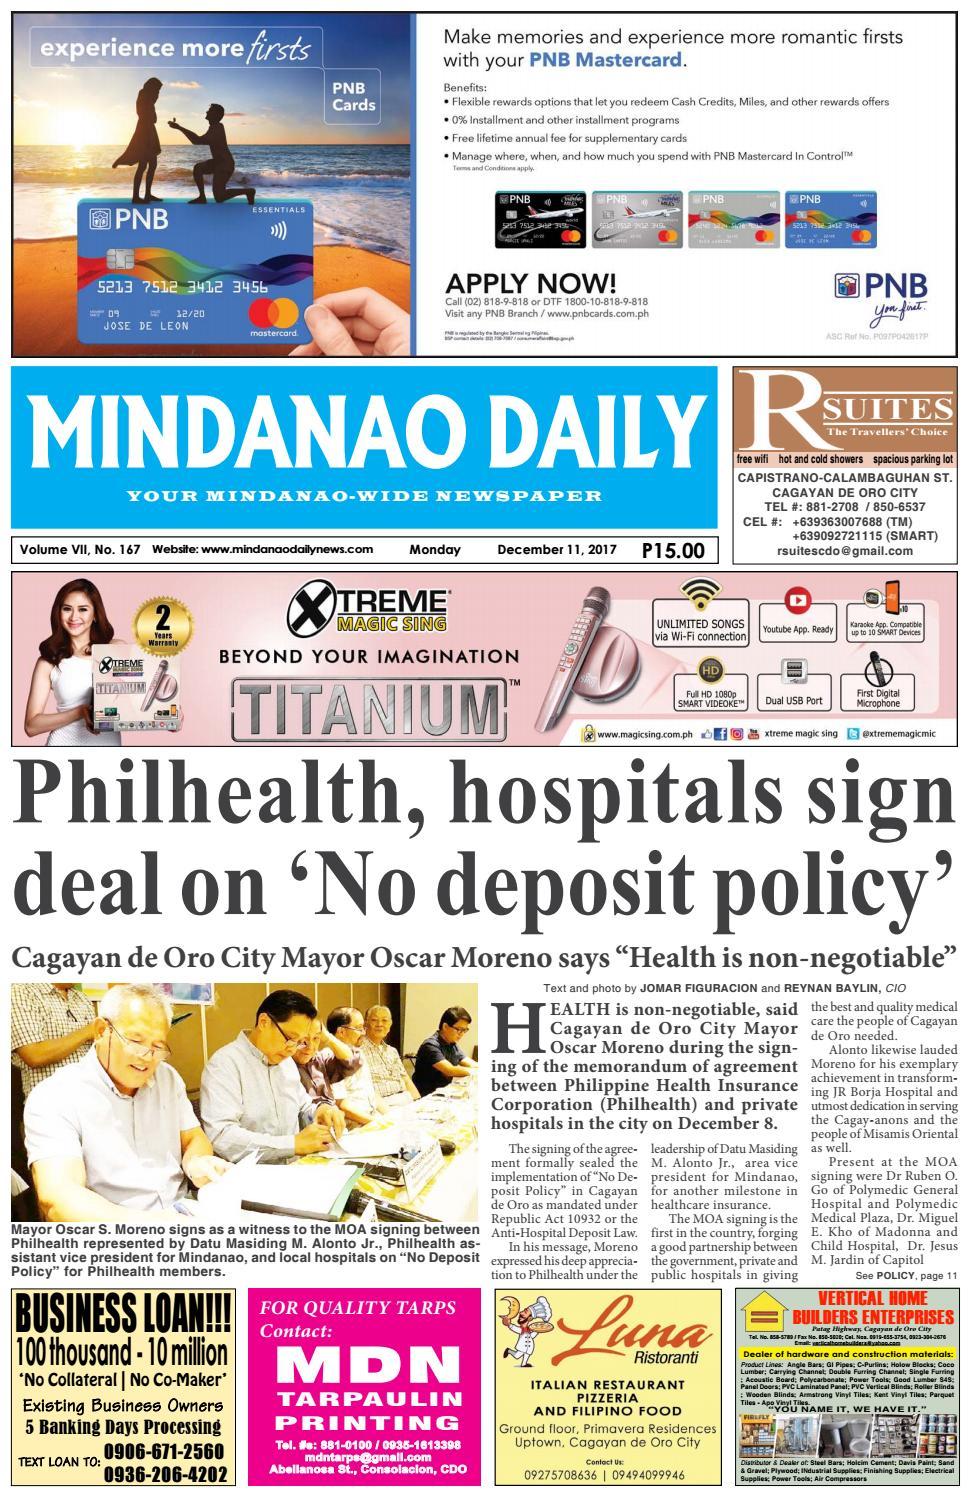 Mindanao Daily (December 11, 2017) by Mindanao Daily News